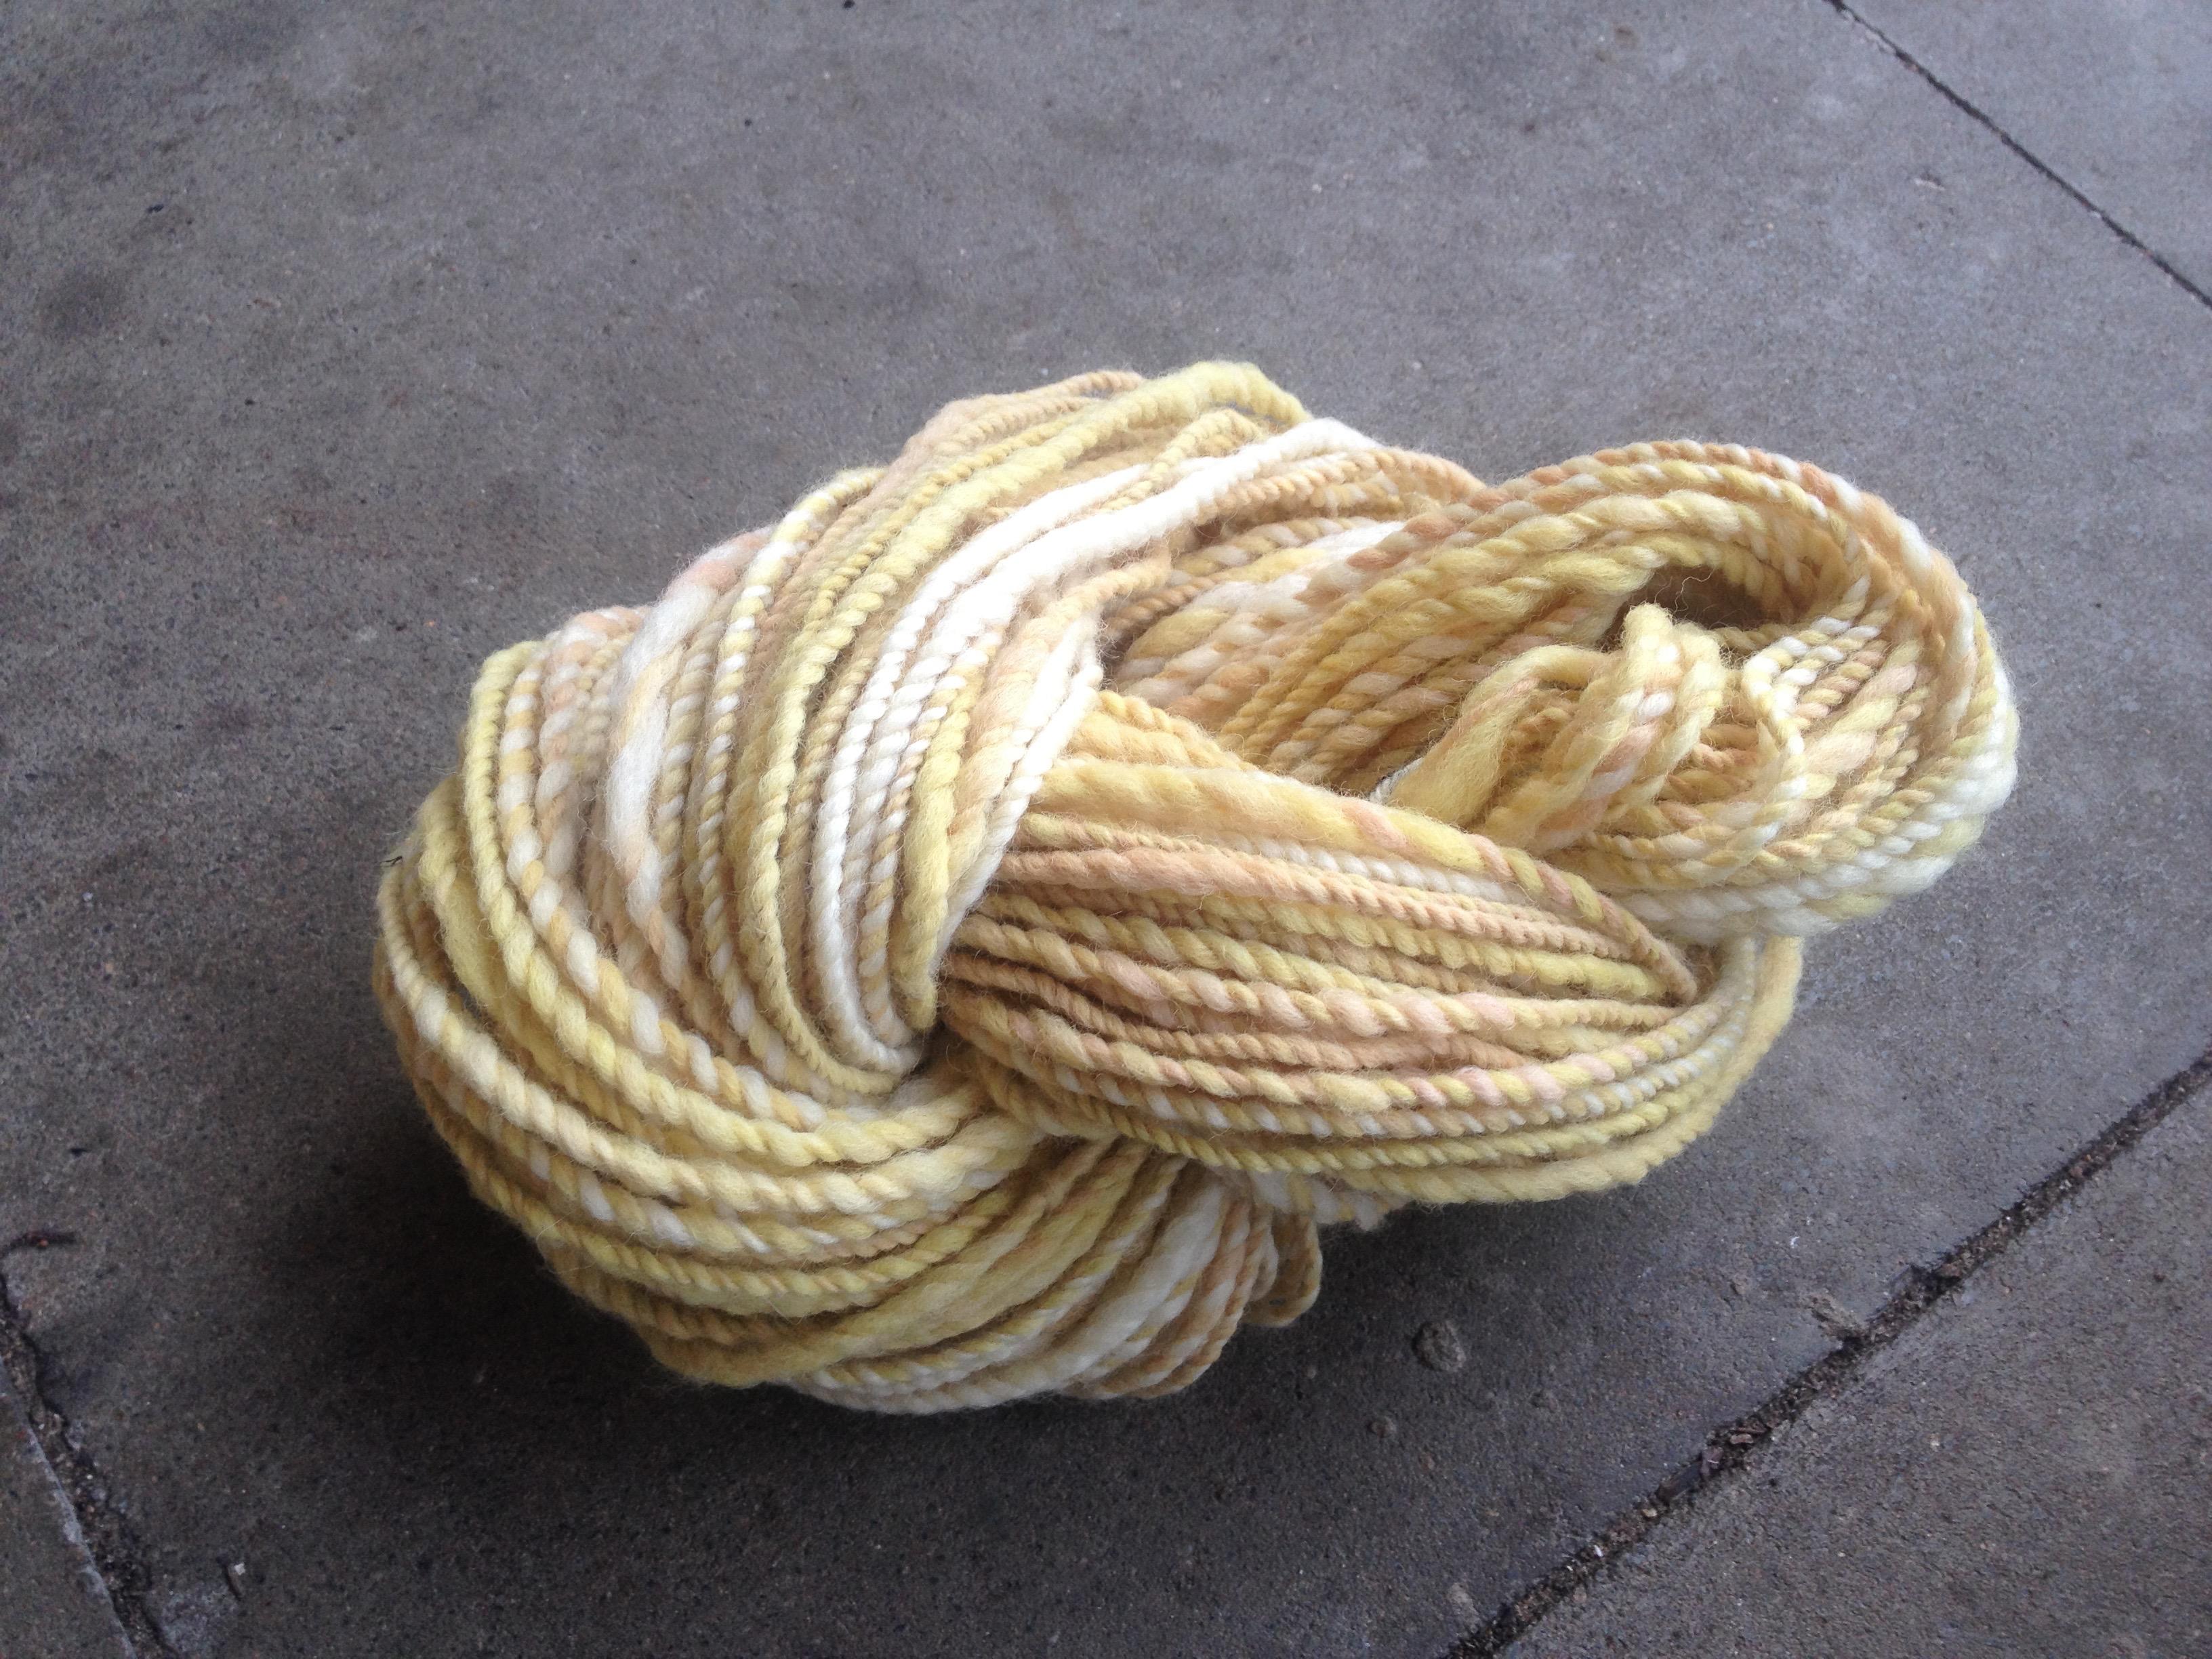 Art Yarn, handgesponnene Wolle, Garn, Merinowolle, Schafwolle, Naturwolle, Vintage, Boho, gelb, weiss